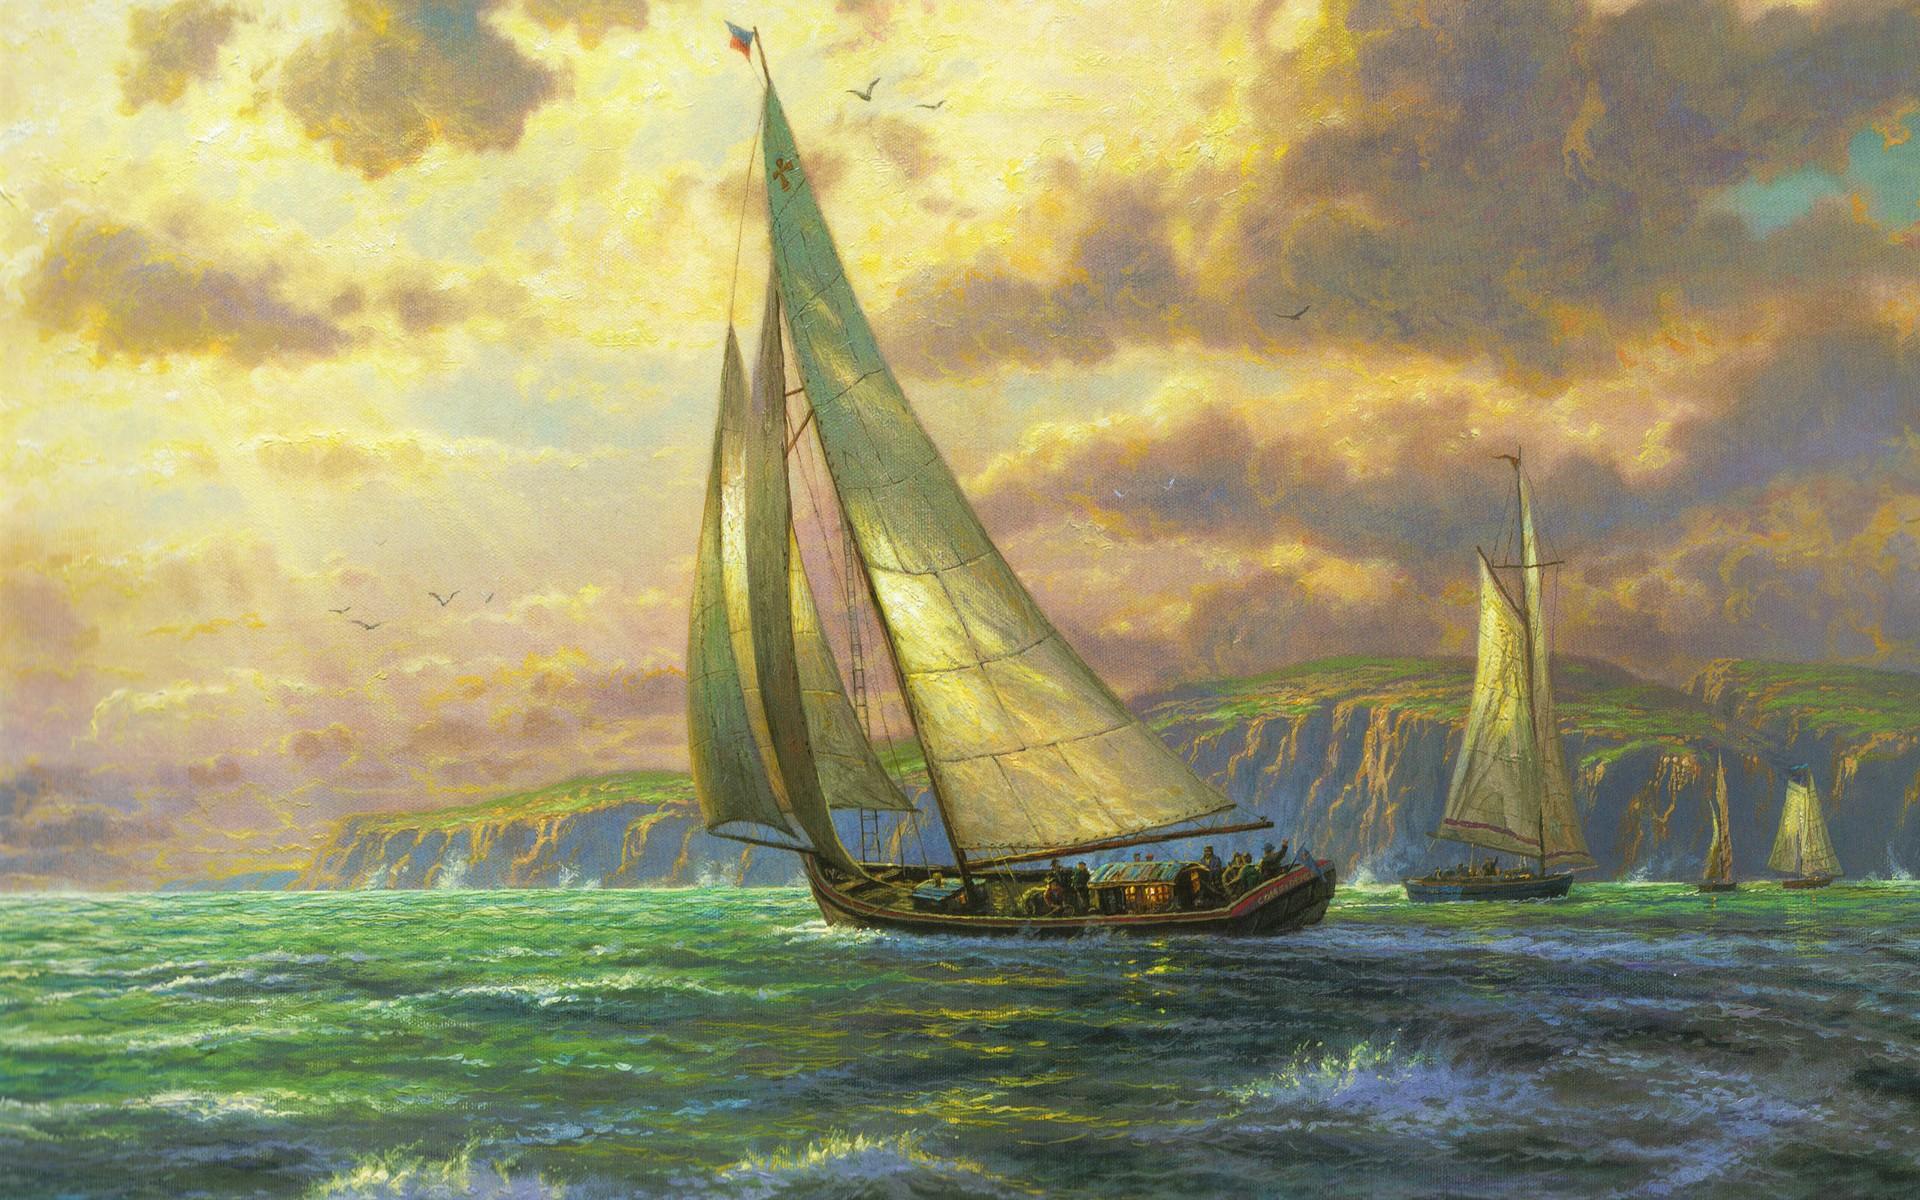 sailing artwork Gallery